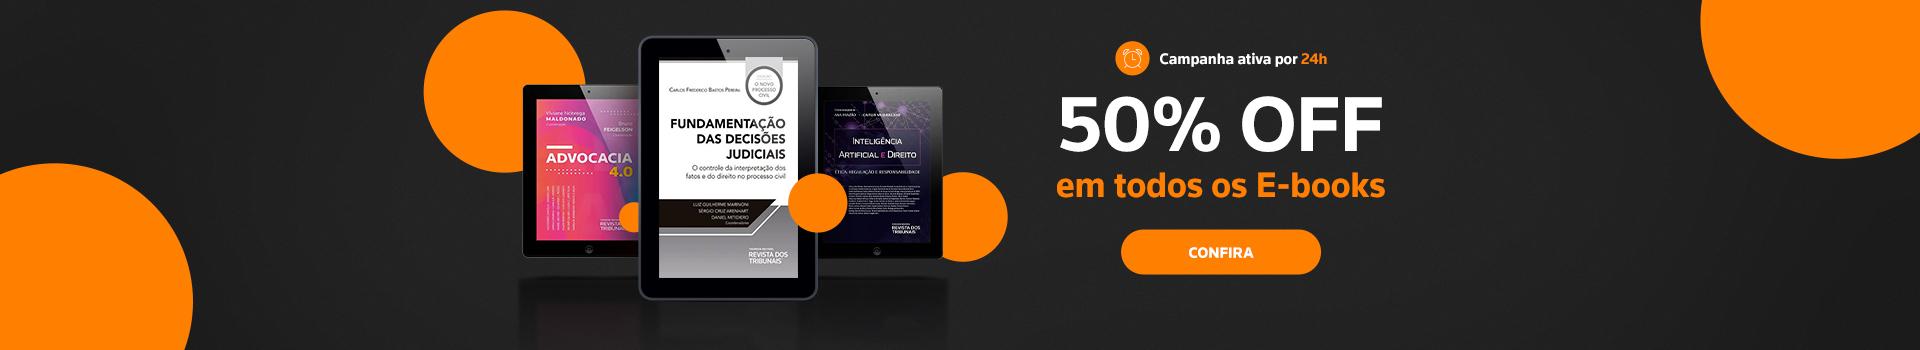 E-books 50%